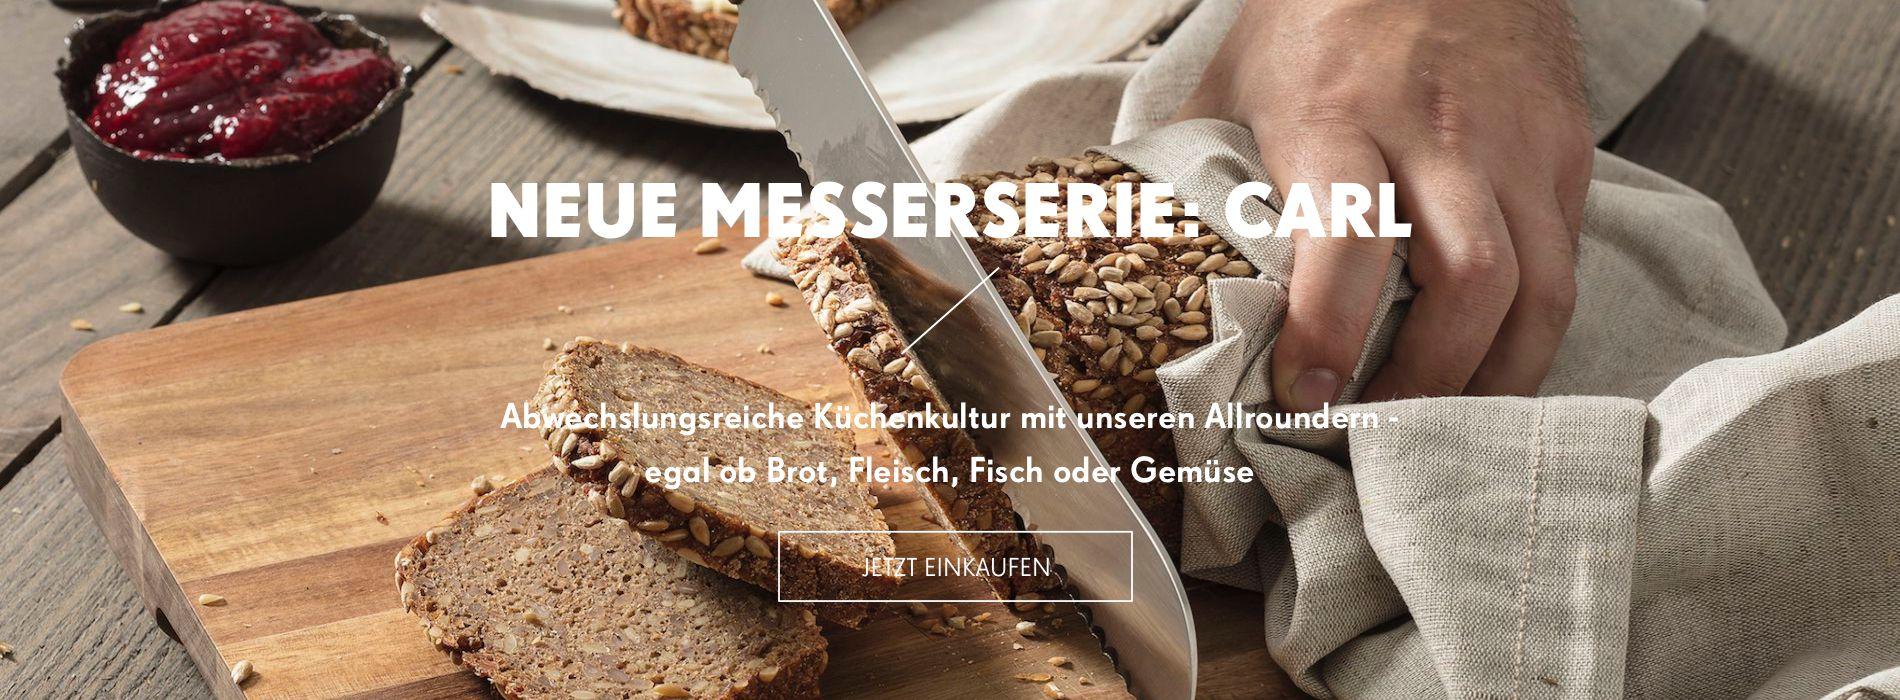 Neue Messerie von Carl Mertens: CARL